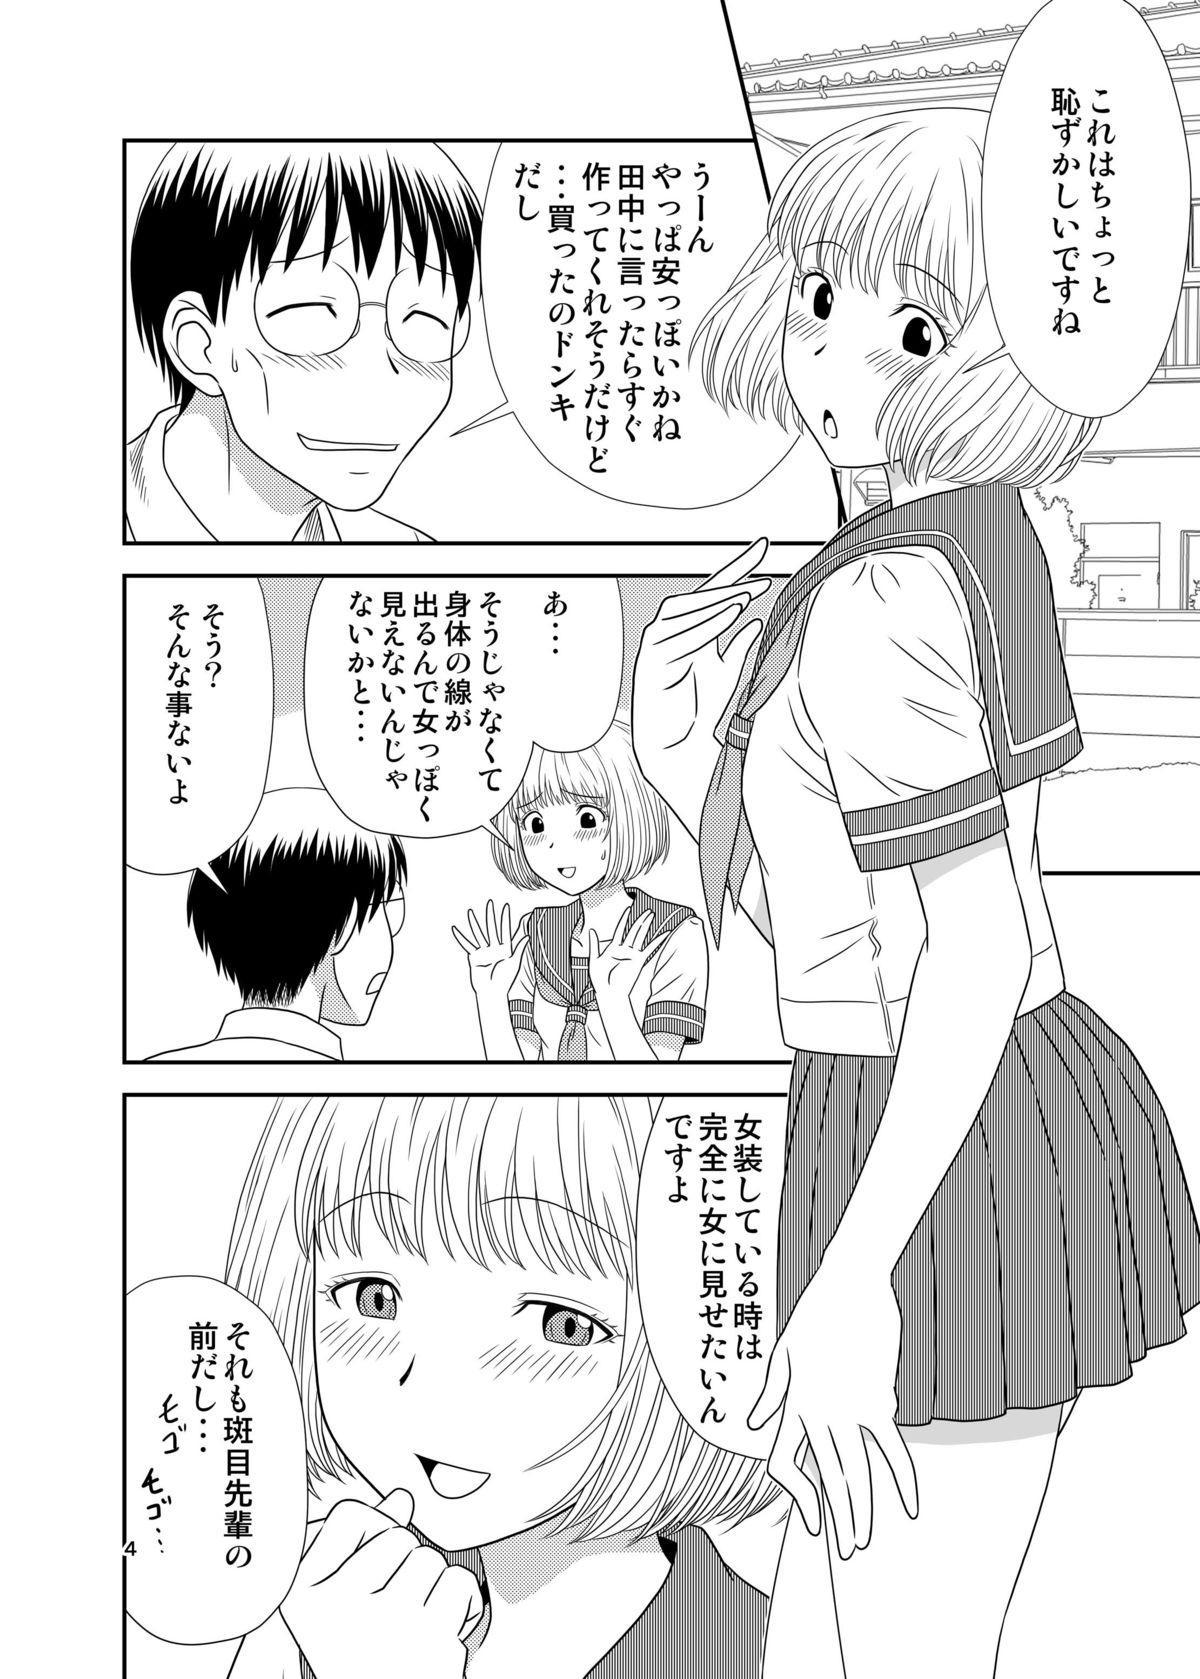 Genshiken no Hon 2